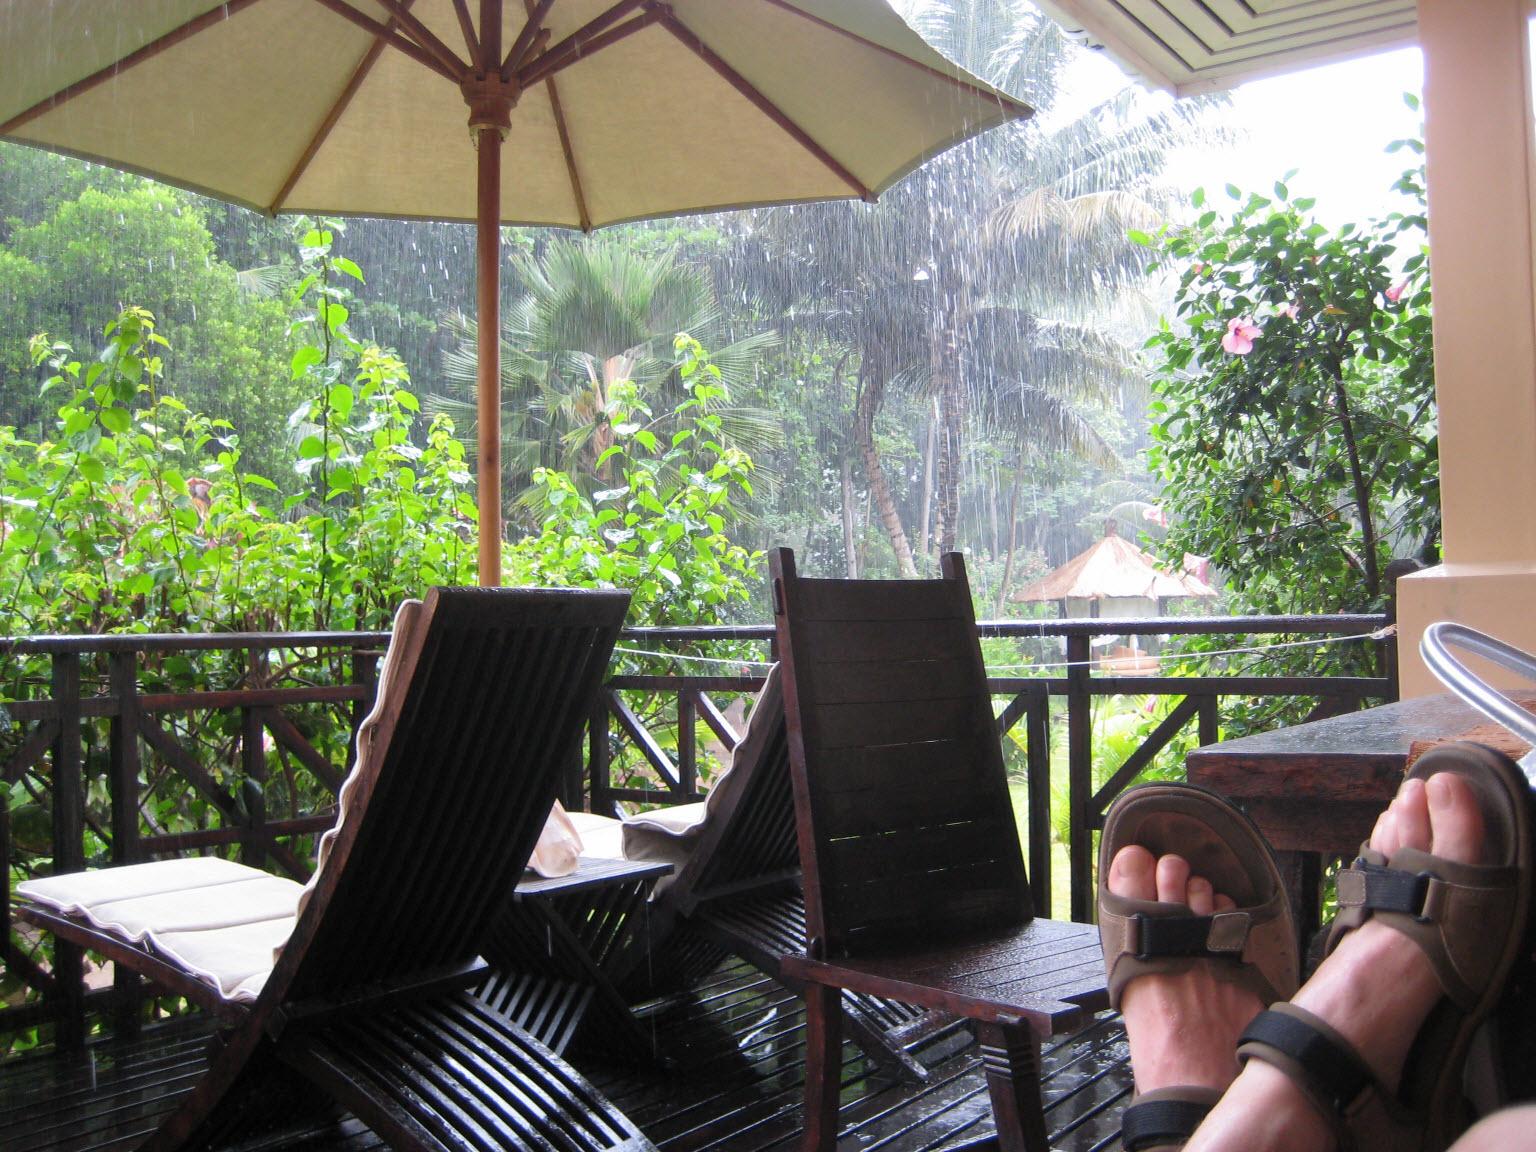 Besser ist es, sich vor der Reise über die Regenzeit zu informieren.